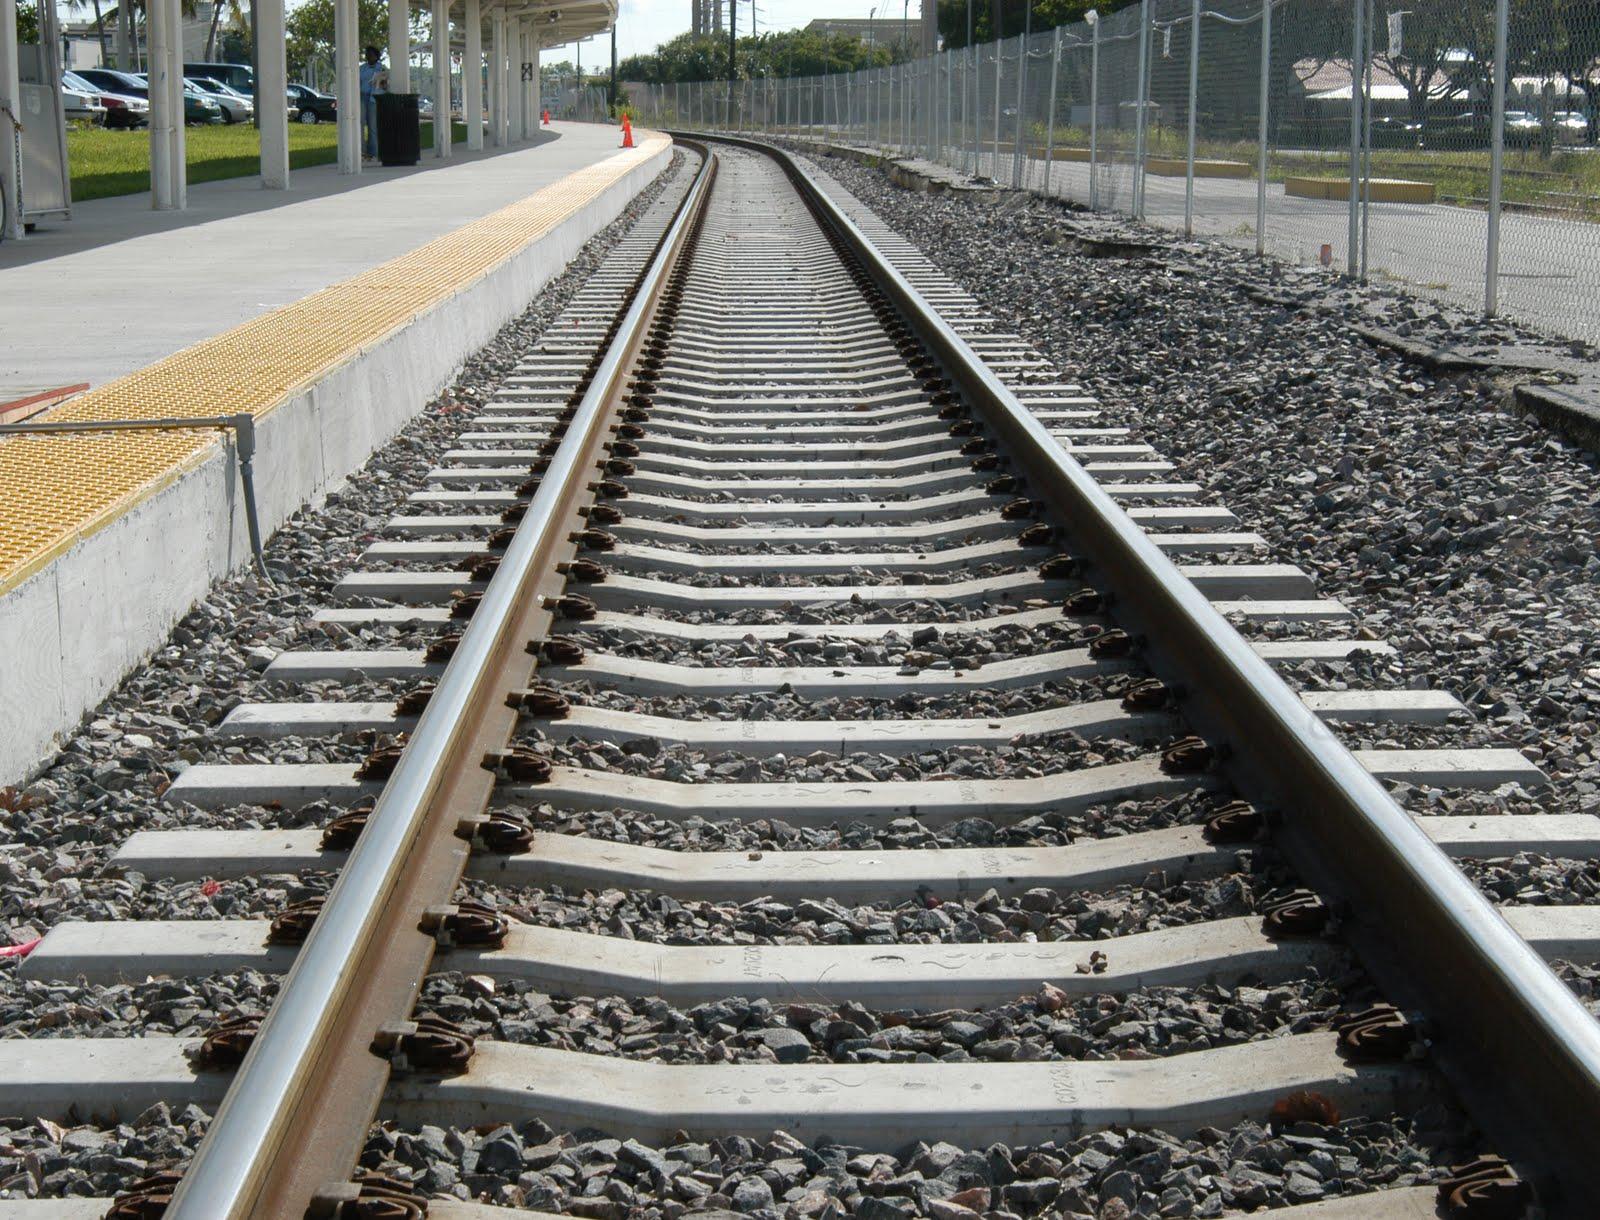 train tracks and orange1 - photo #42